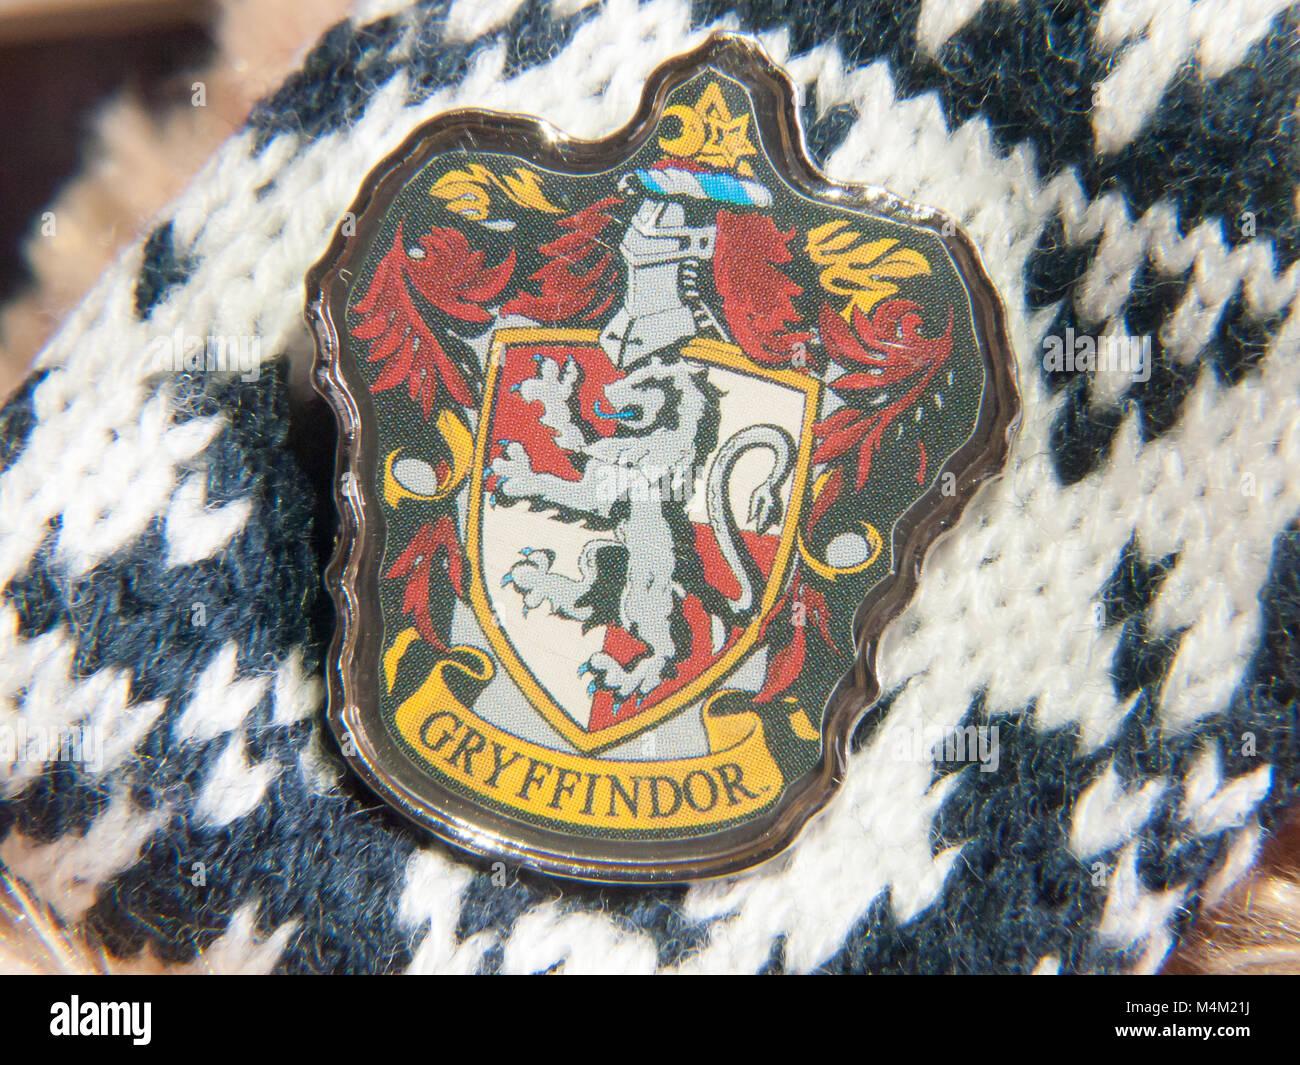 harry potter badge gryffindor house emblem detail - Stock Image